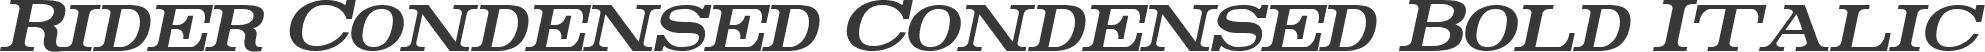 Rider Condensed Condensed Bold Italic